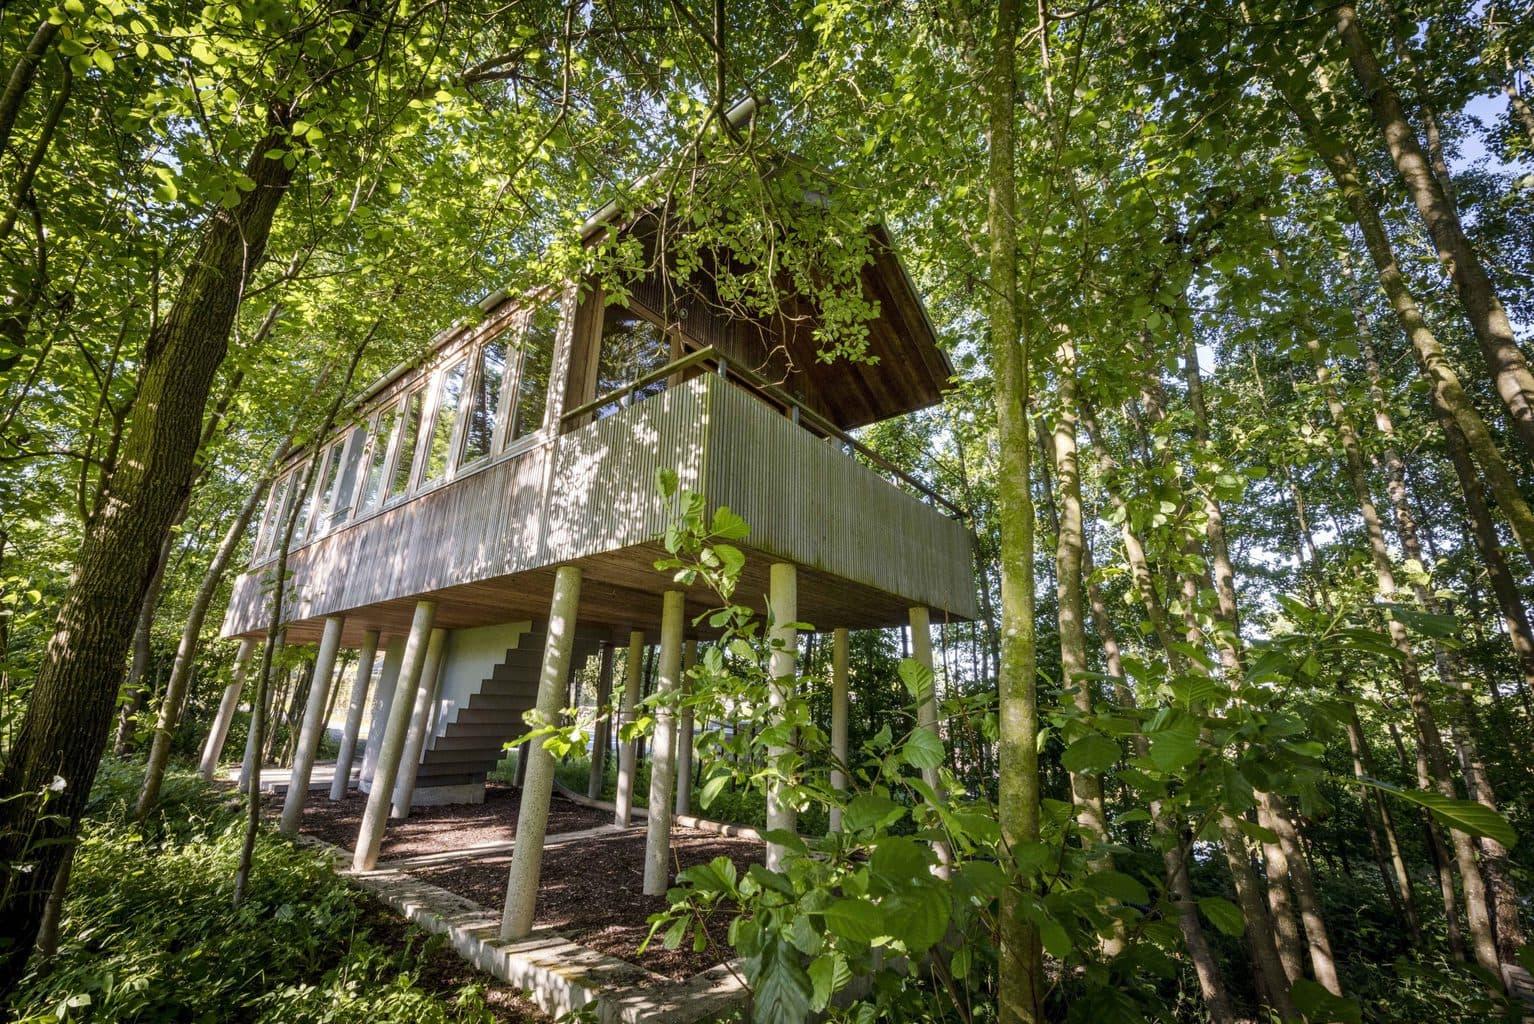 Een boomhuis in Hotel Hofgut Hafnerleiten in Beieren